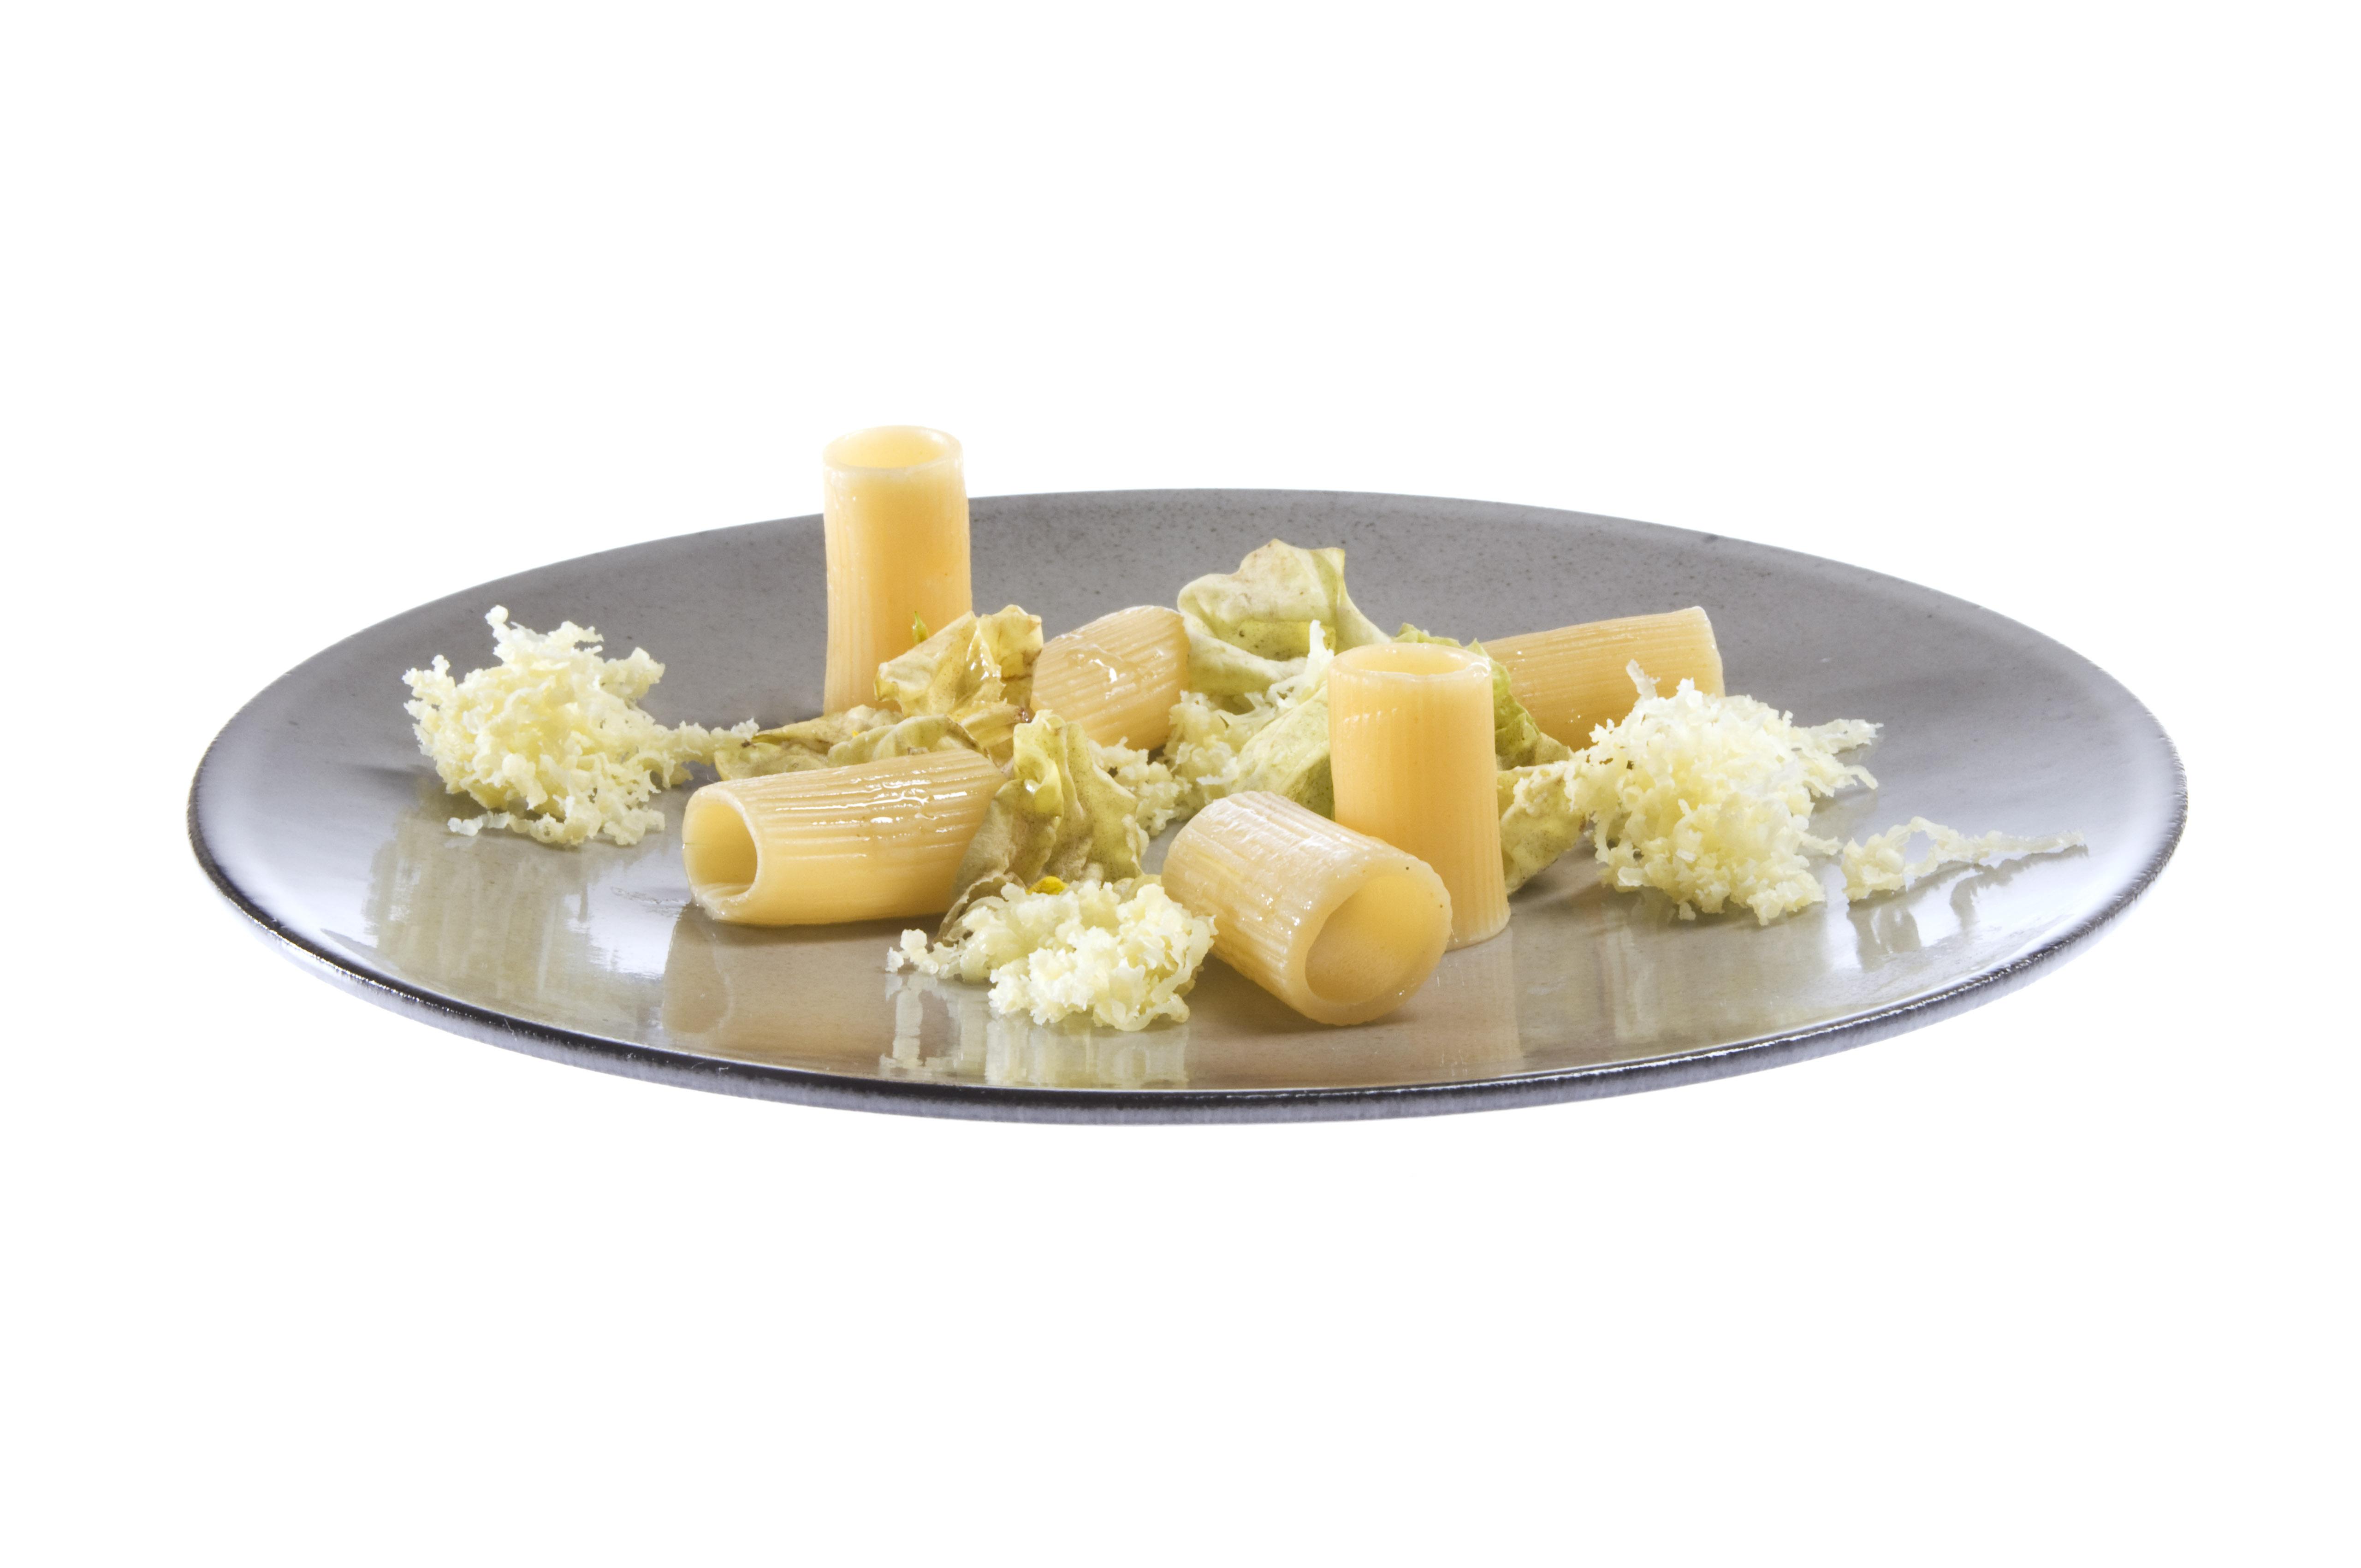 今週のレシピ: リガトーニとレタスの甘草風味、おろしオイルバター添え